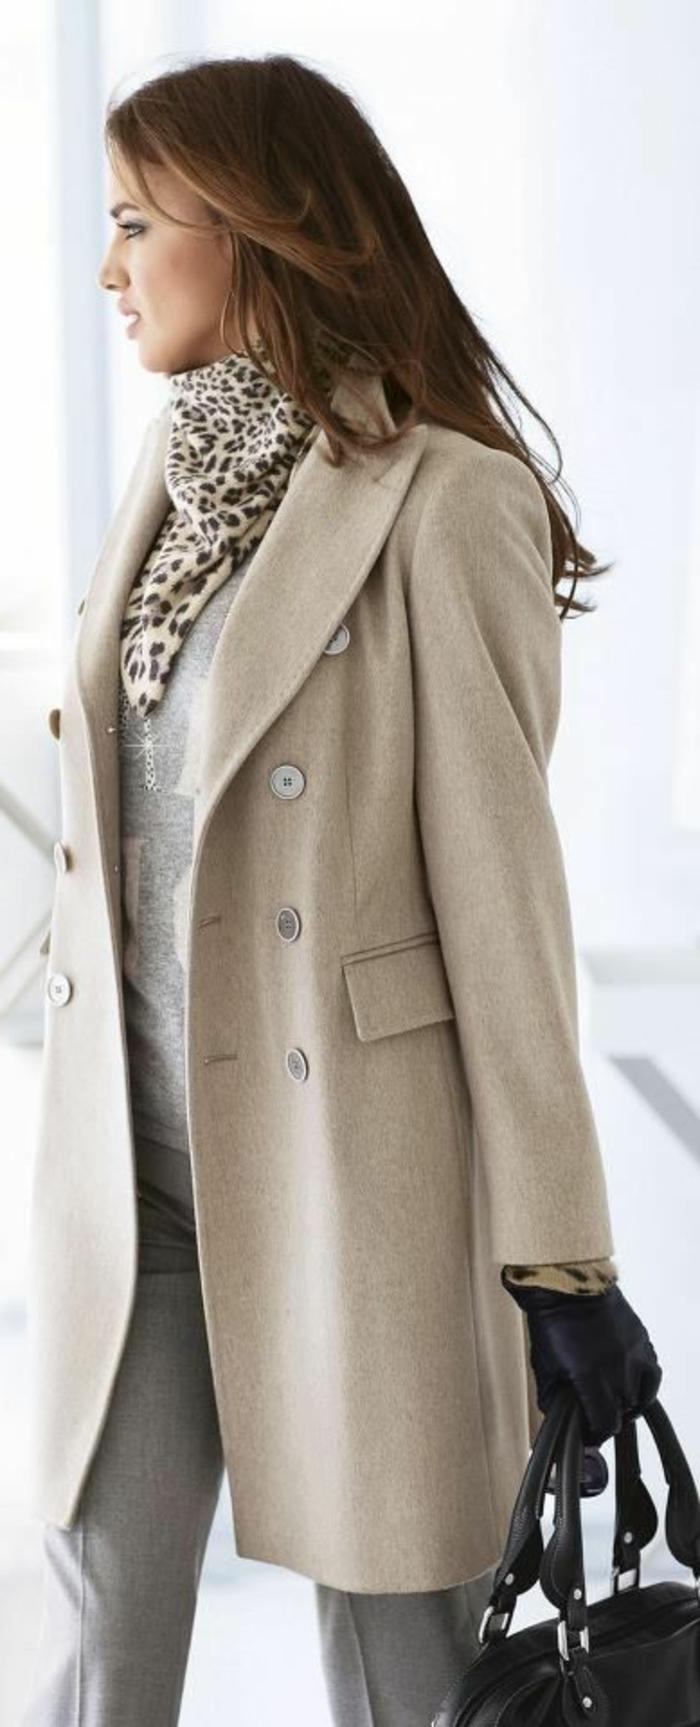 choisir le plus l gant manteau long femme parmi les photos. Black Bedroom Furniture Sets. Home Design Ideas